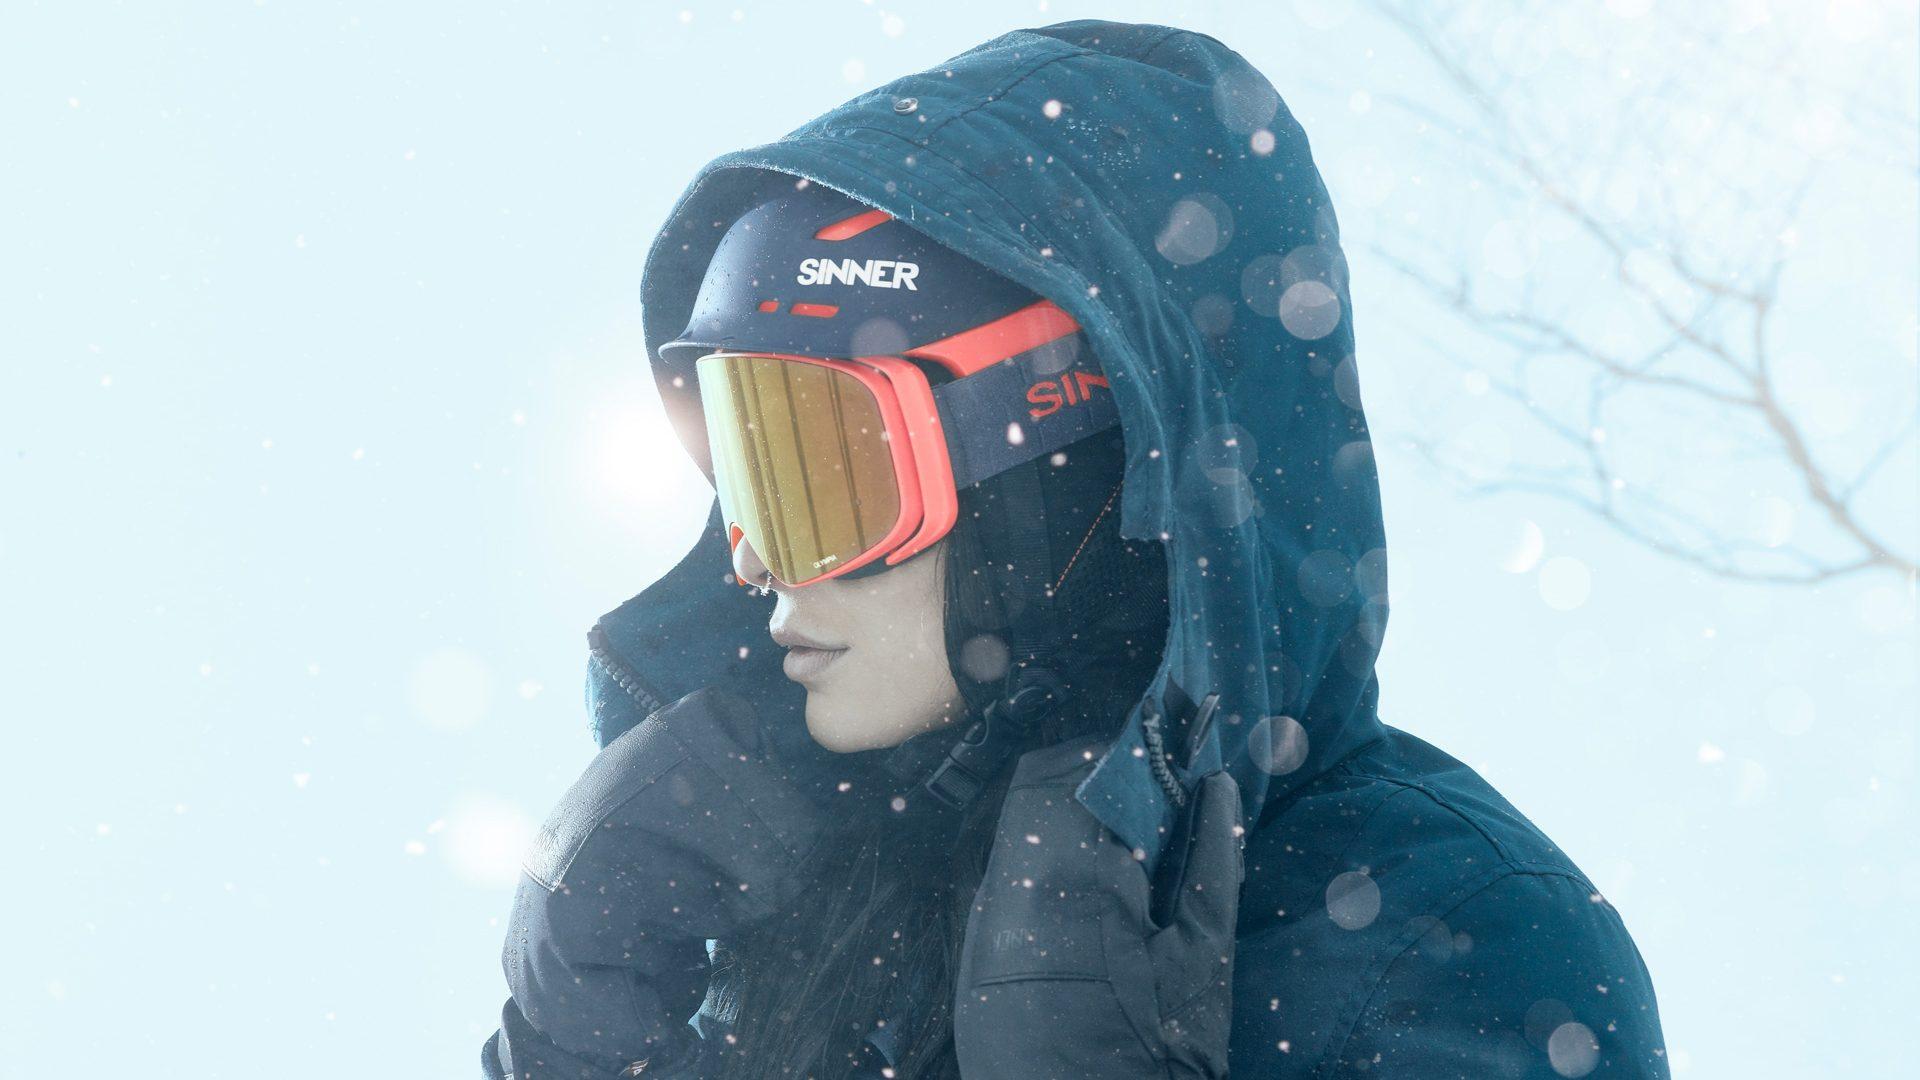 SINNER FW20/21 Snow Helmets